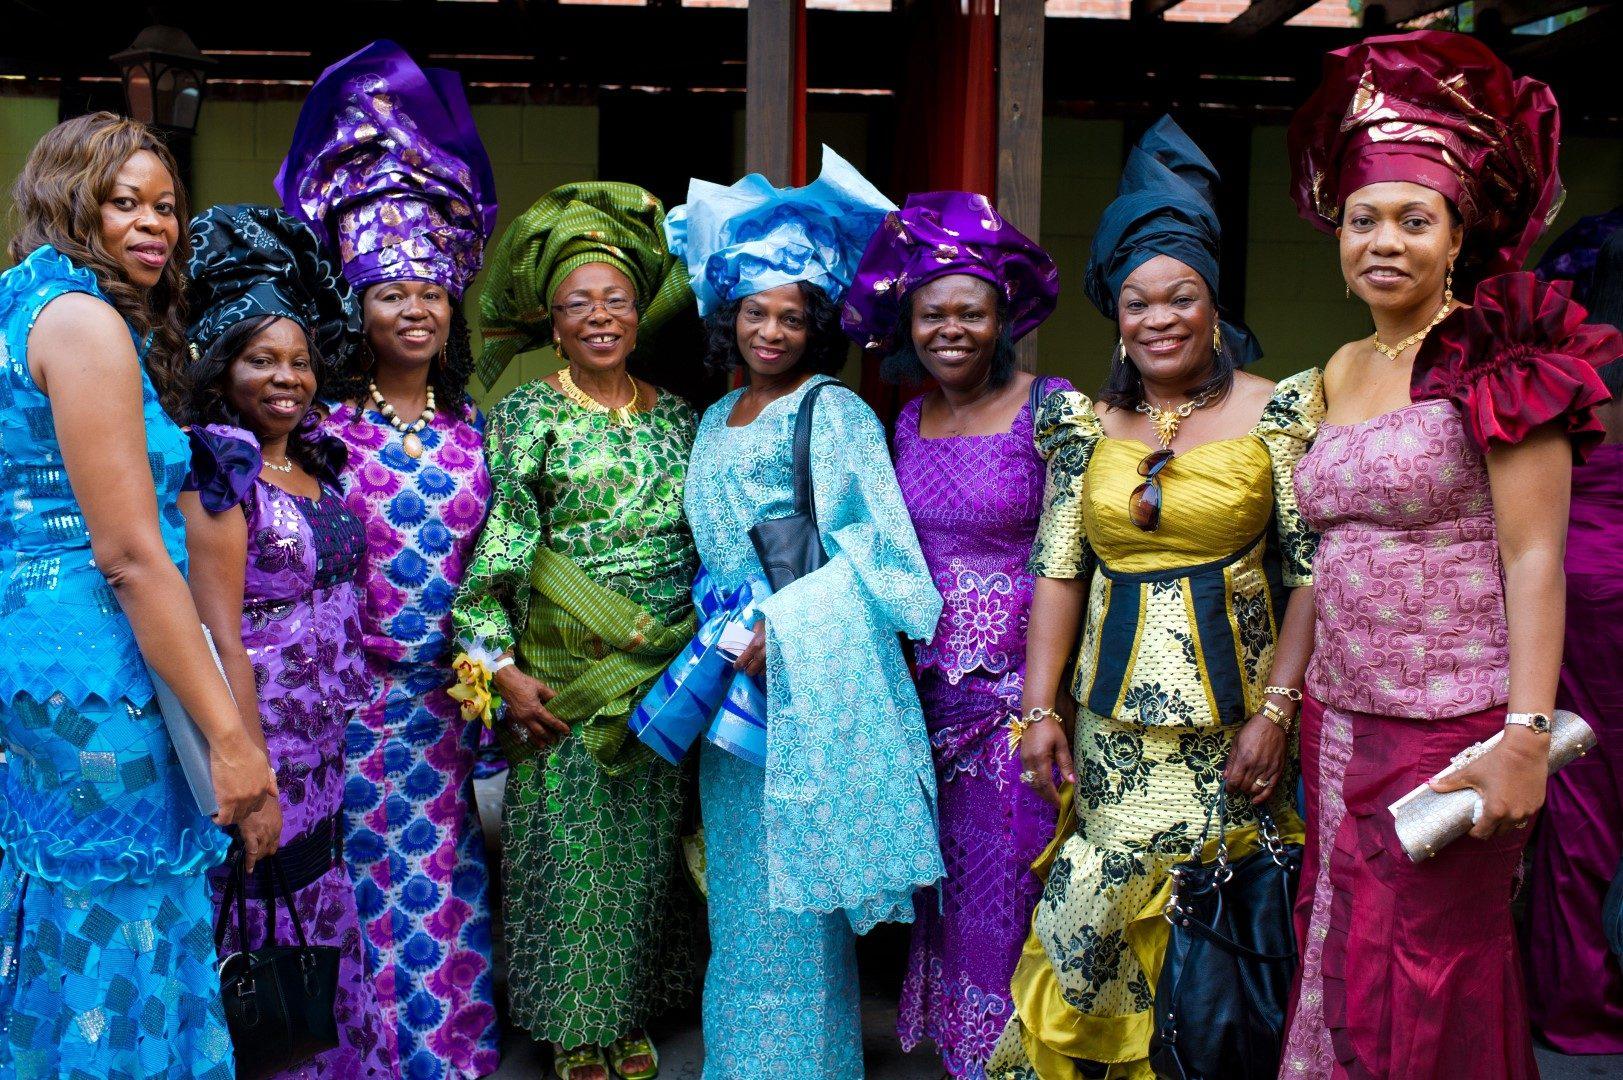 ,nigériai esküvő,,esküvői szokások,esküvői tradíciók,tradicionális esküvő,esküvői kultúra,esküvői hagyományok,esküvői hagyomány,esküvő,esküvői viseletkultúra,